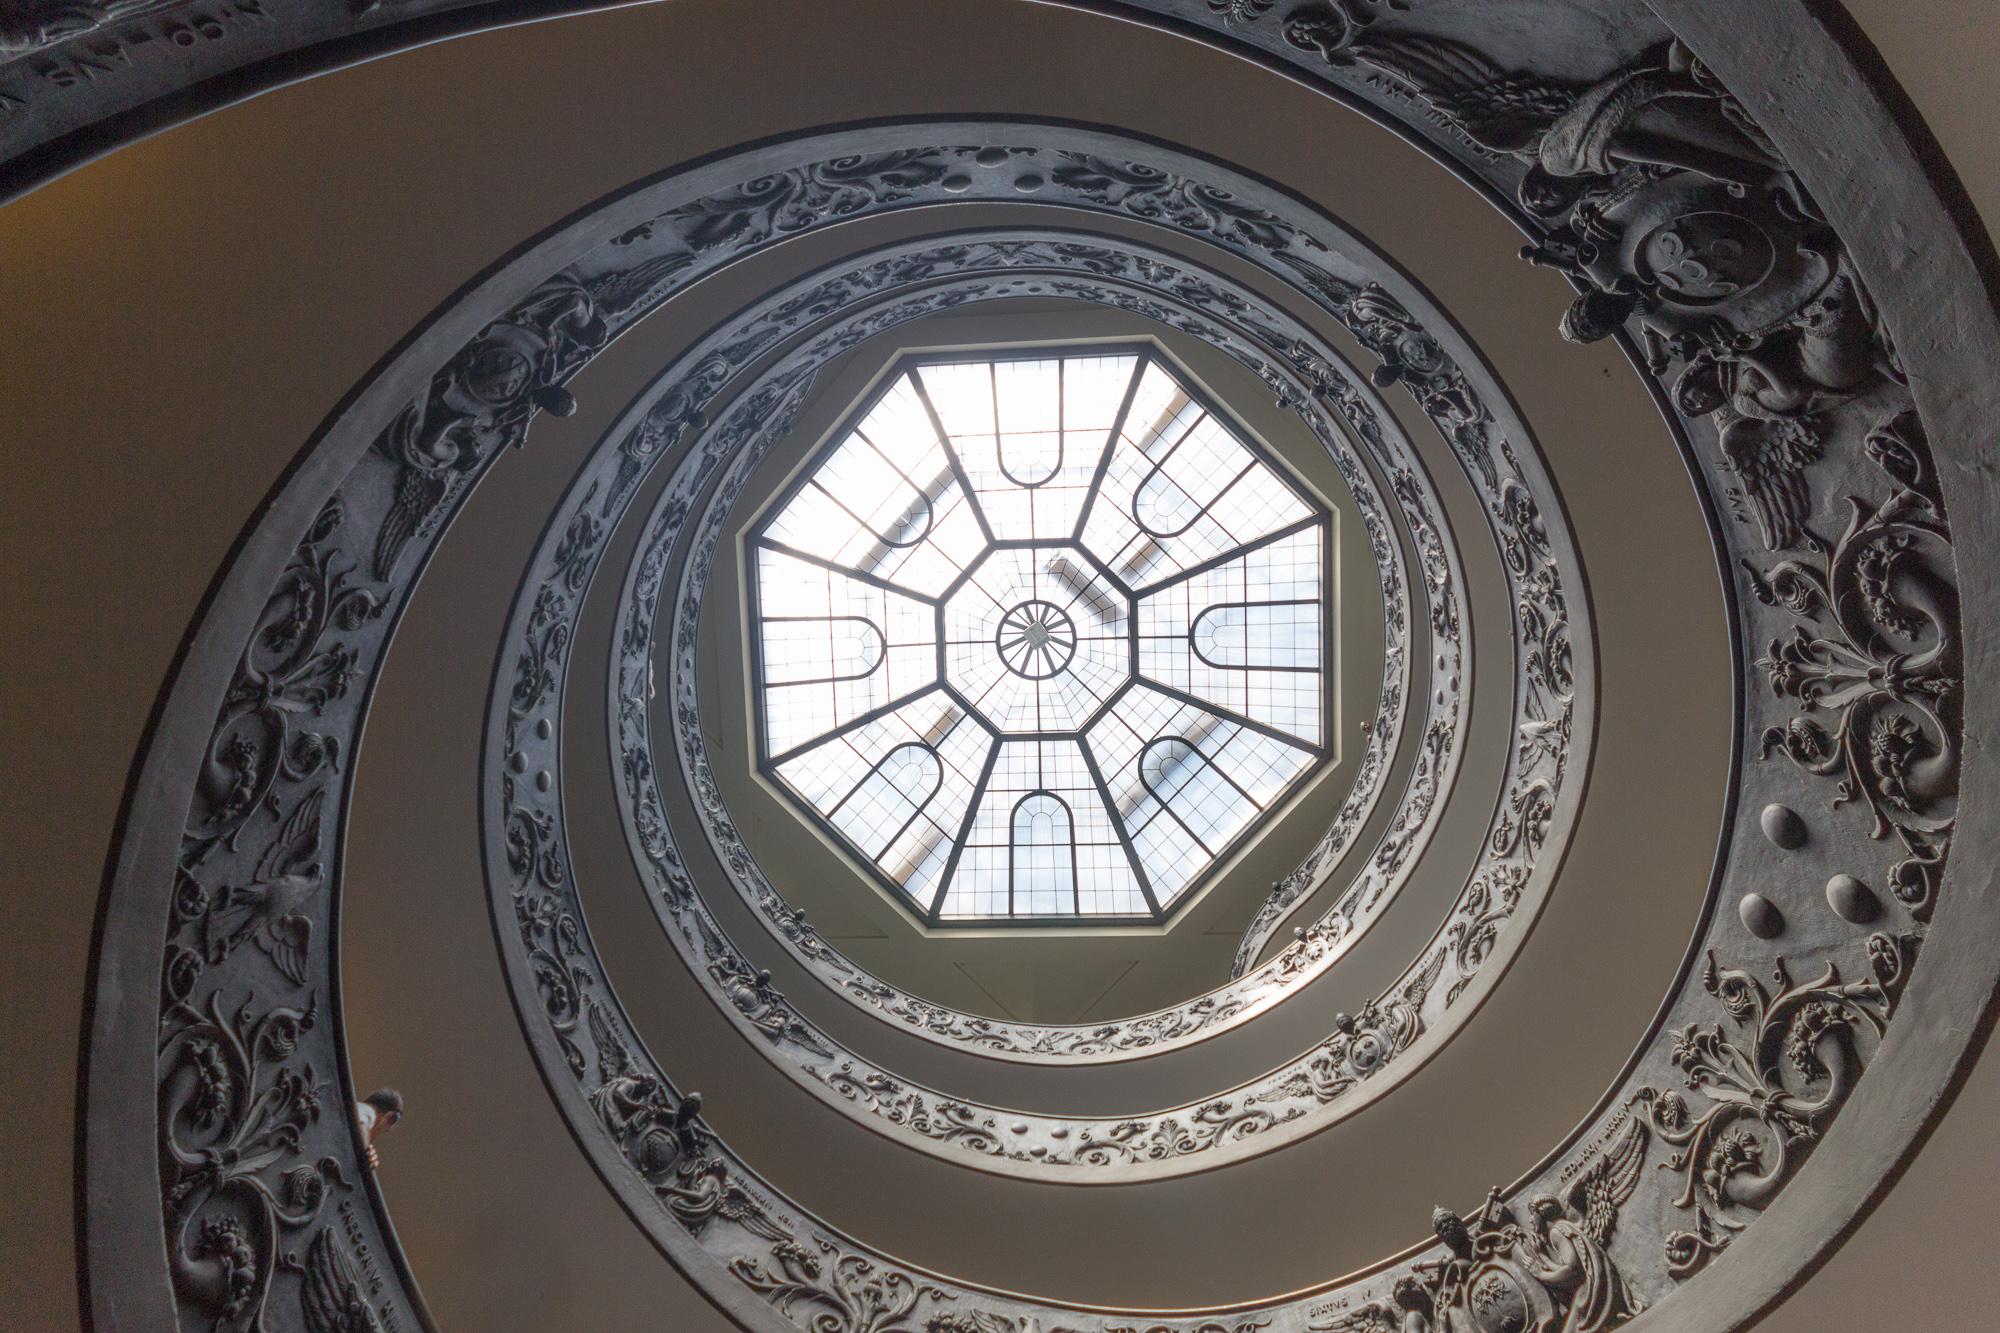 Vue en contre-plongée de l'escalier monumental de Bramante, escalier à double hélice, musée du Vatican